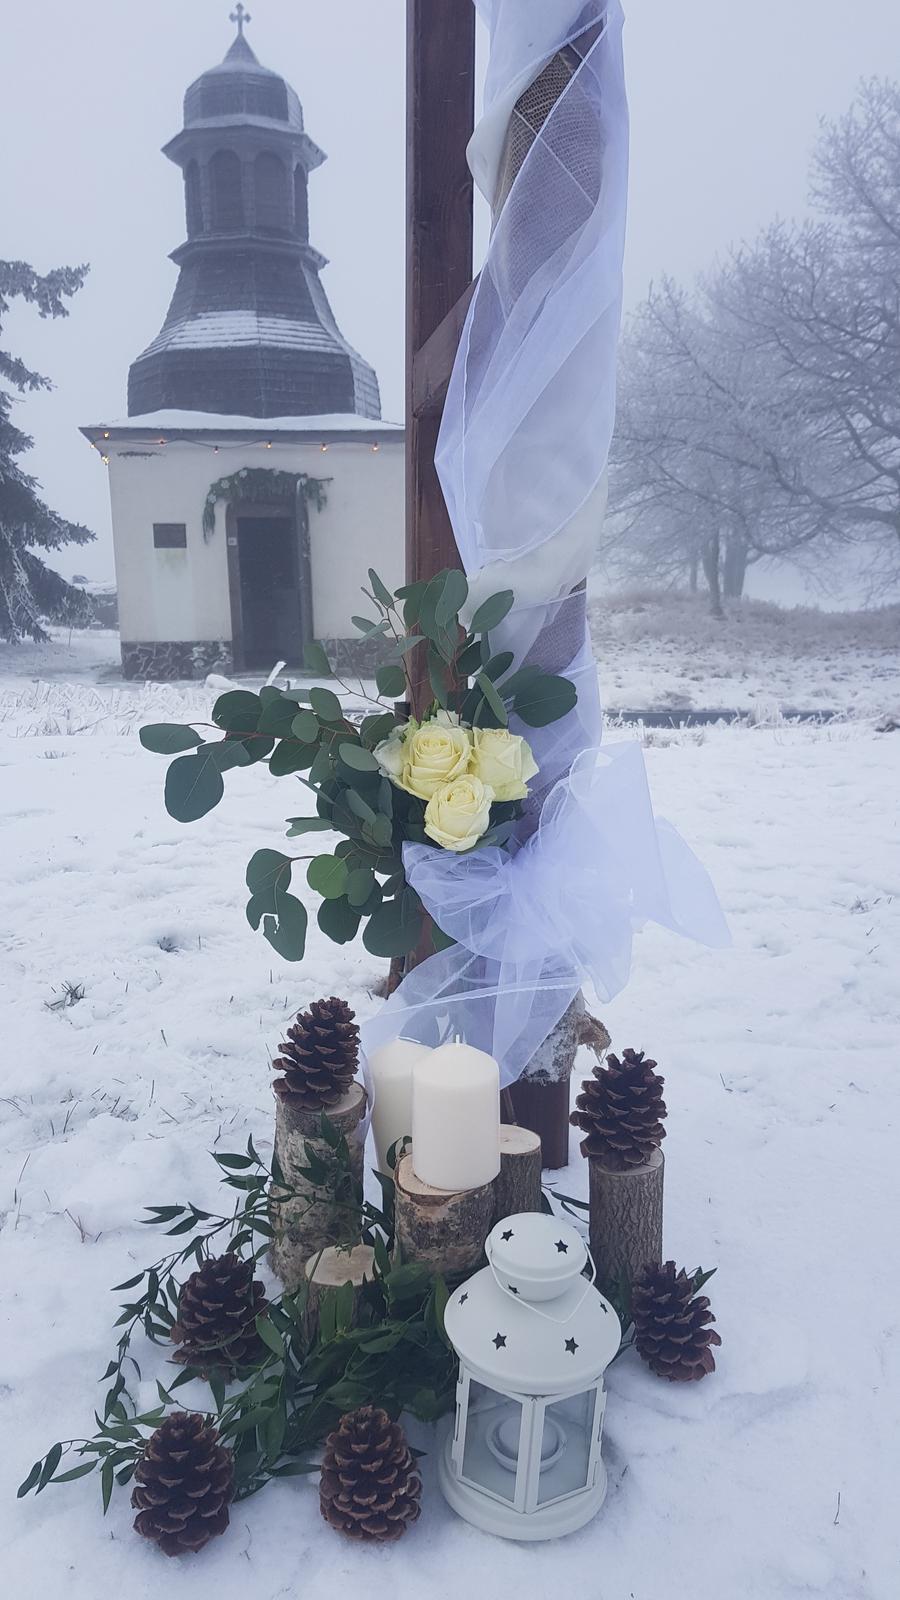 Nádherná zimní svatba v Krušných horách - Obrázek č. 3